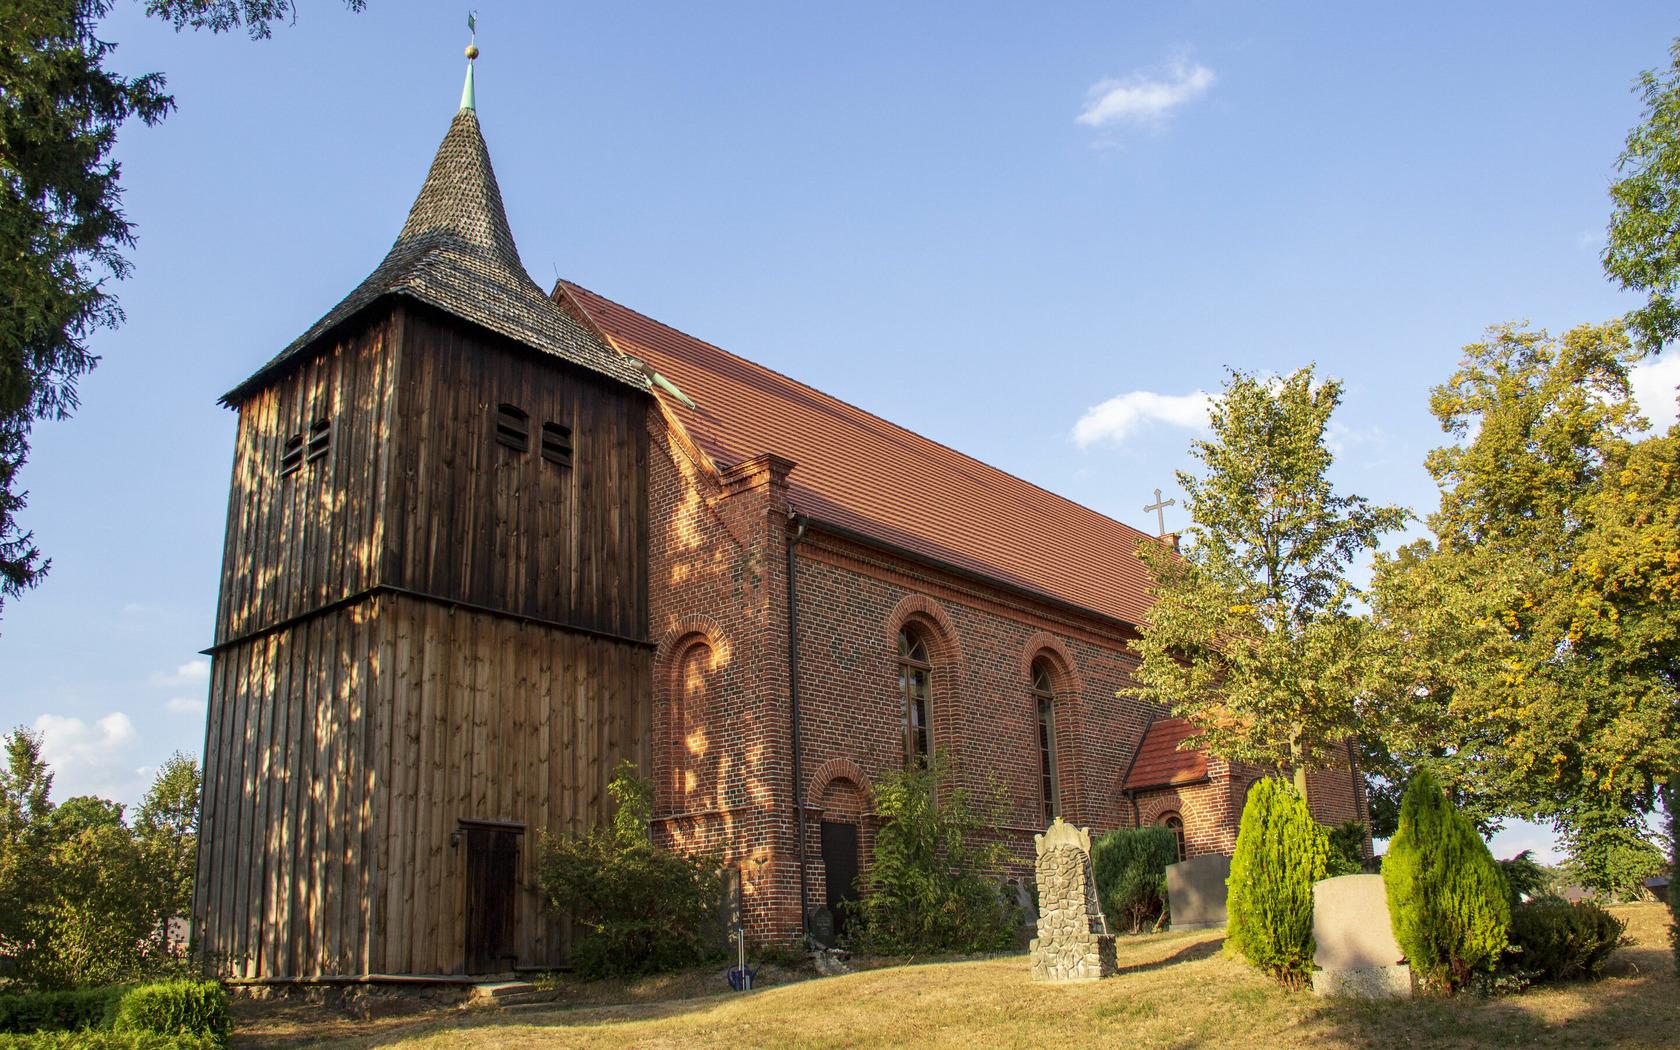 Kirche Grano, Foto: TMB-Fotoarchiv/ScottyScout